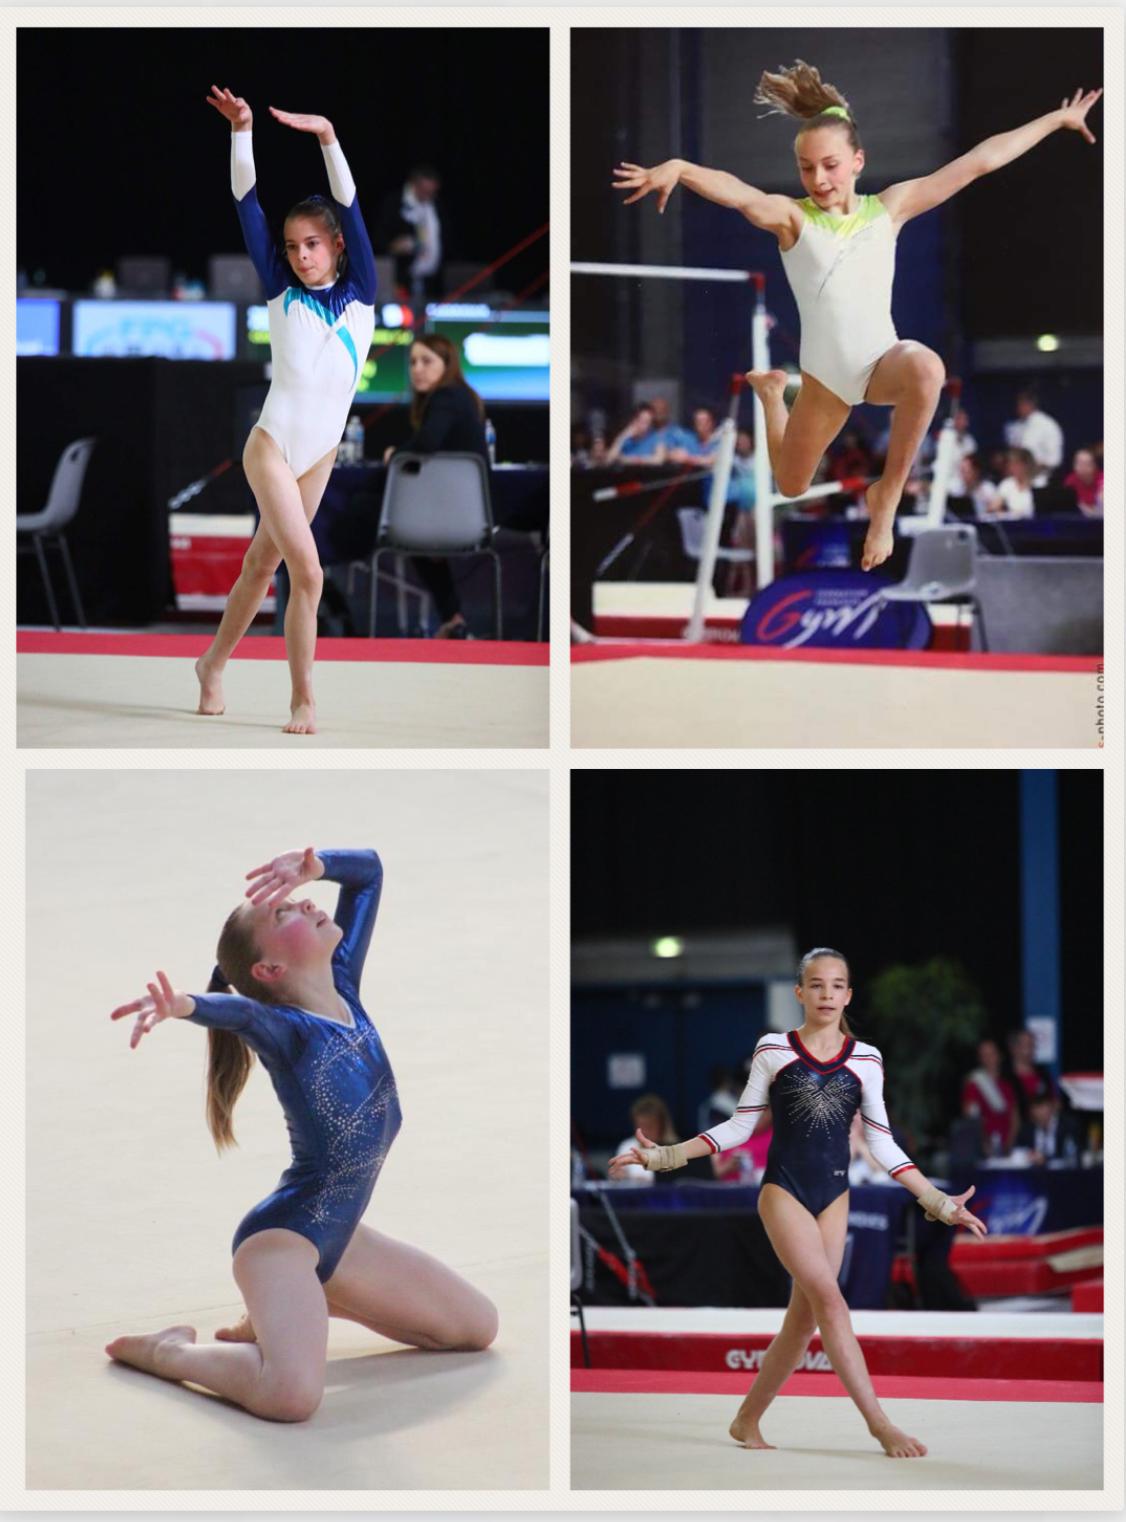 Championnats de France Individuelles à AUXERRE: Des résultats encourageants pour les 4 jeunes gymnastes Arquoises !!!